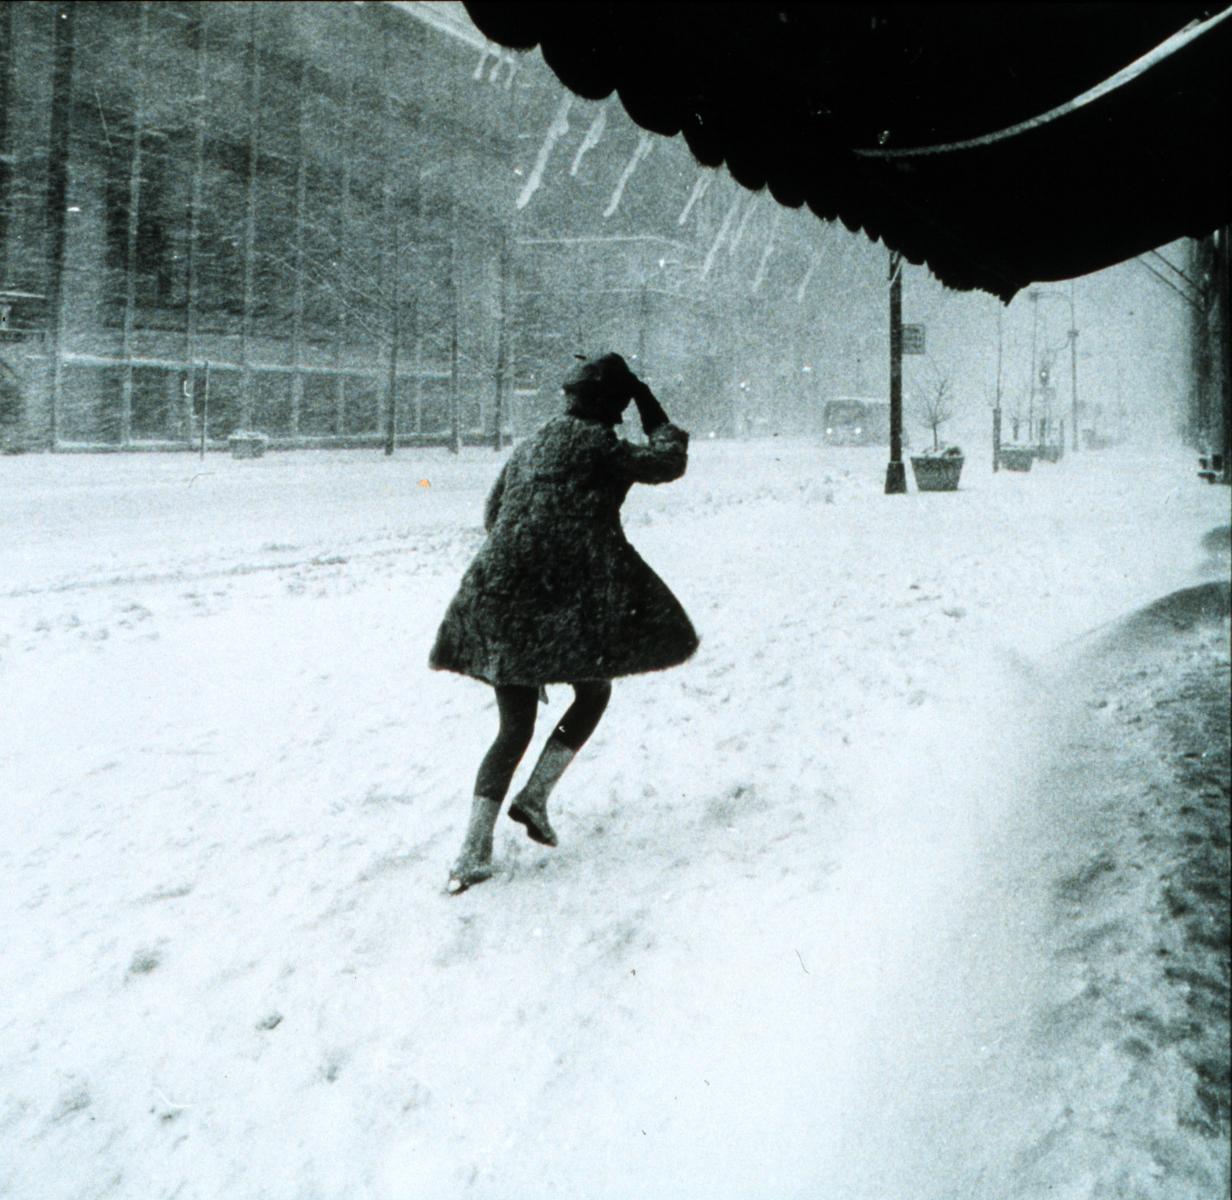 1969's Lindsay Snowstorm